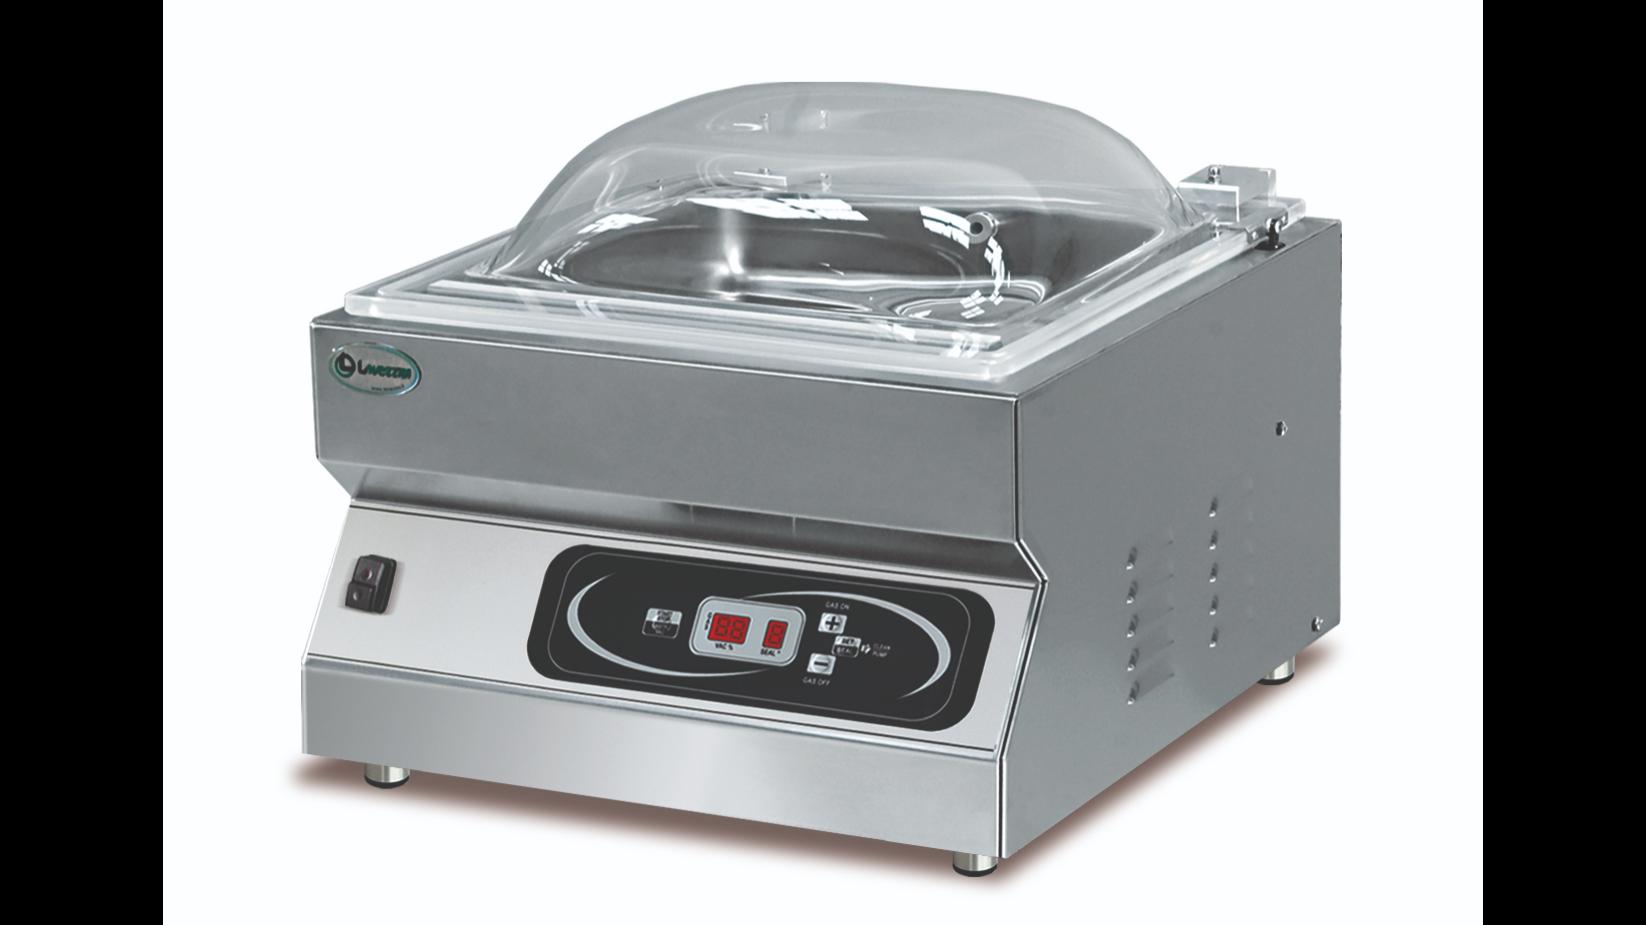 LAVEZZINI DG 40 vacuum packing machine